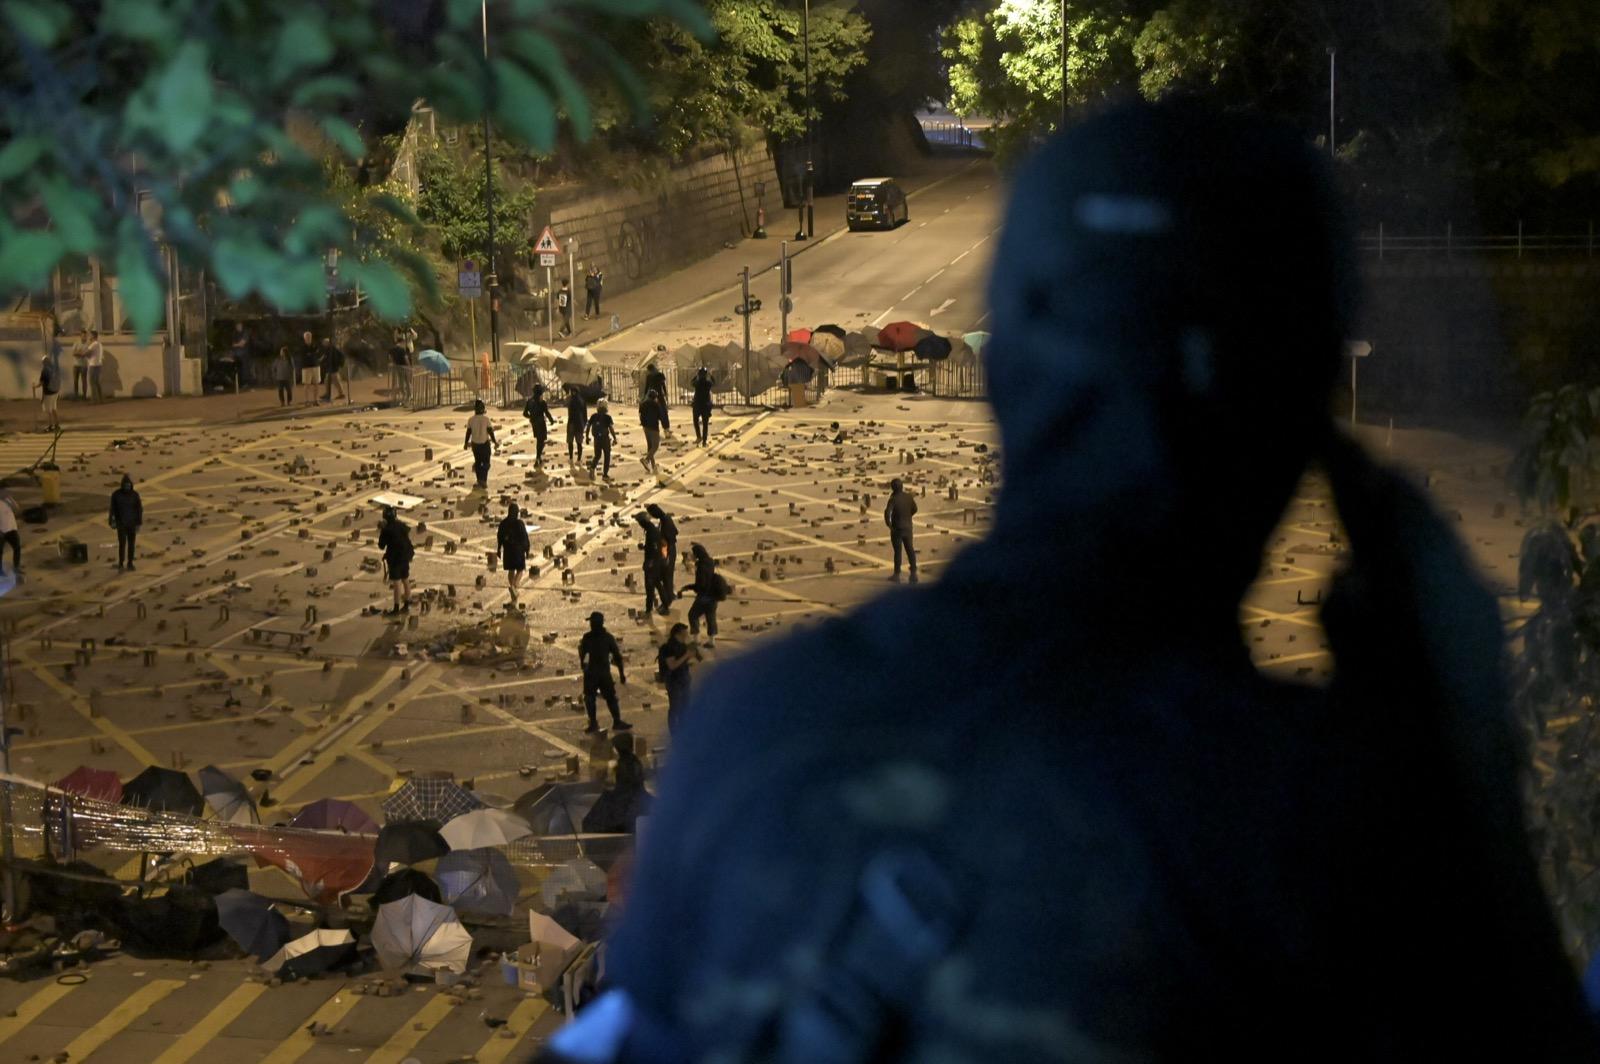 【大三罢】防暴警旺角射催泪弹 驱散示威者